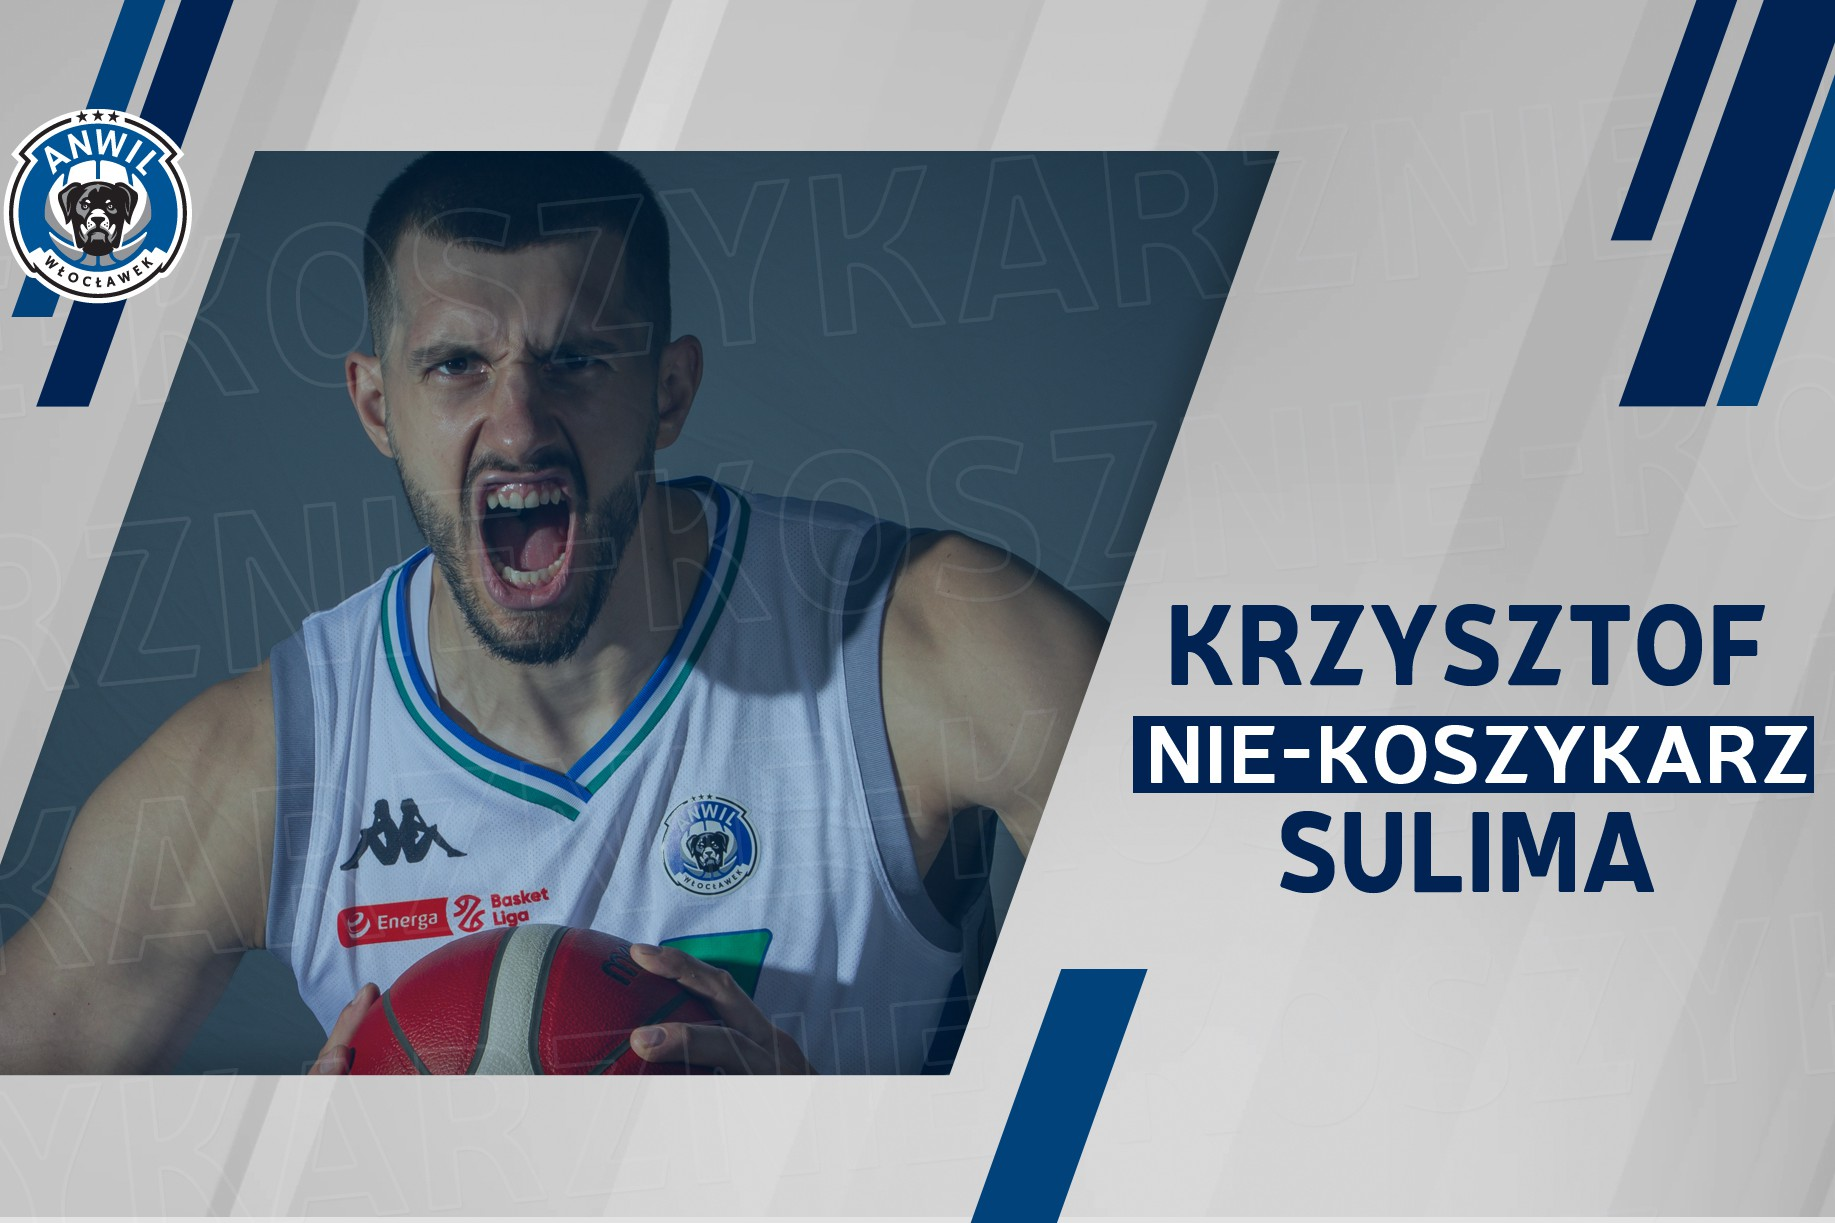 (Nie)Koszykarz: Krzysztof Sulima